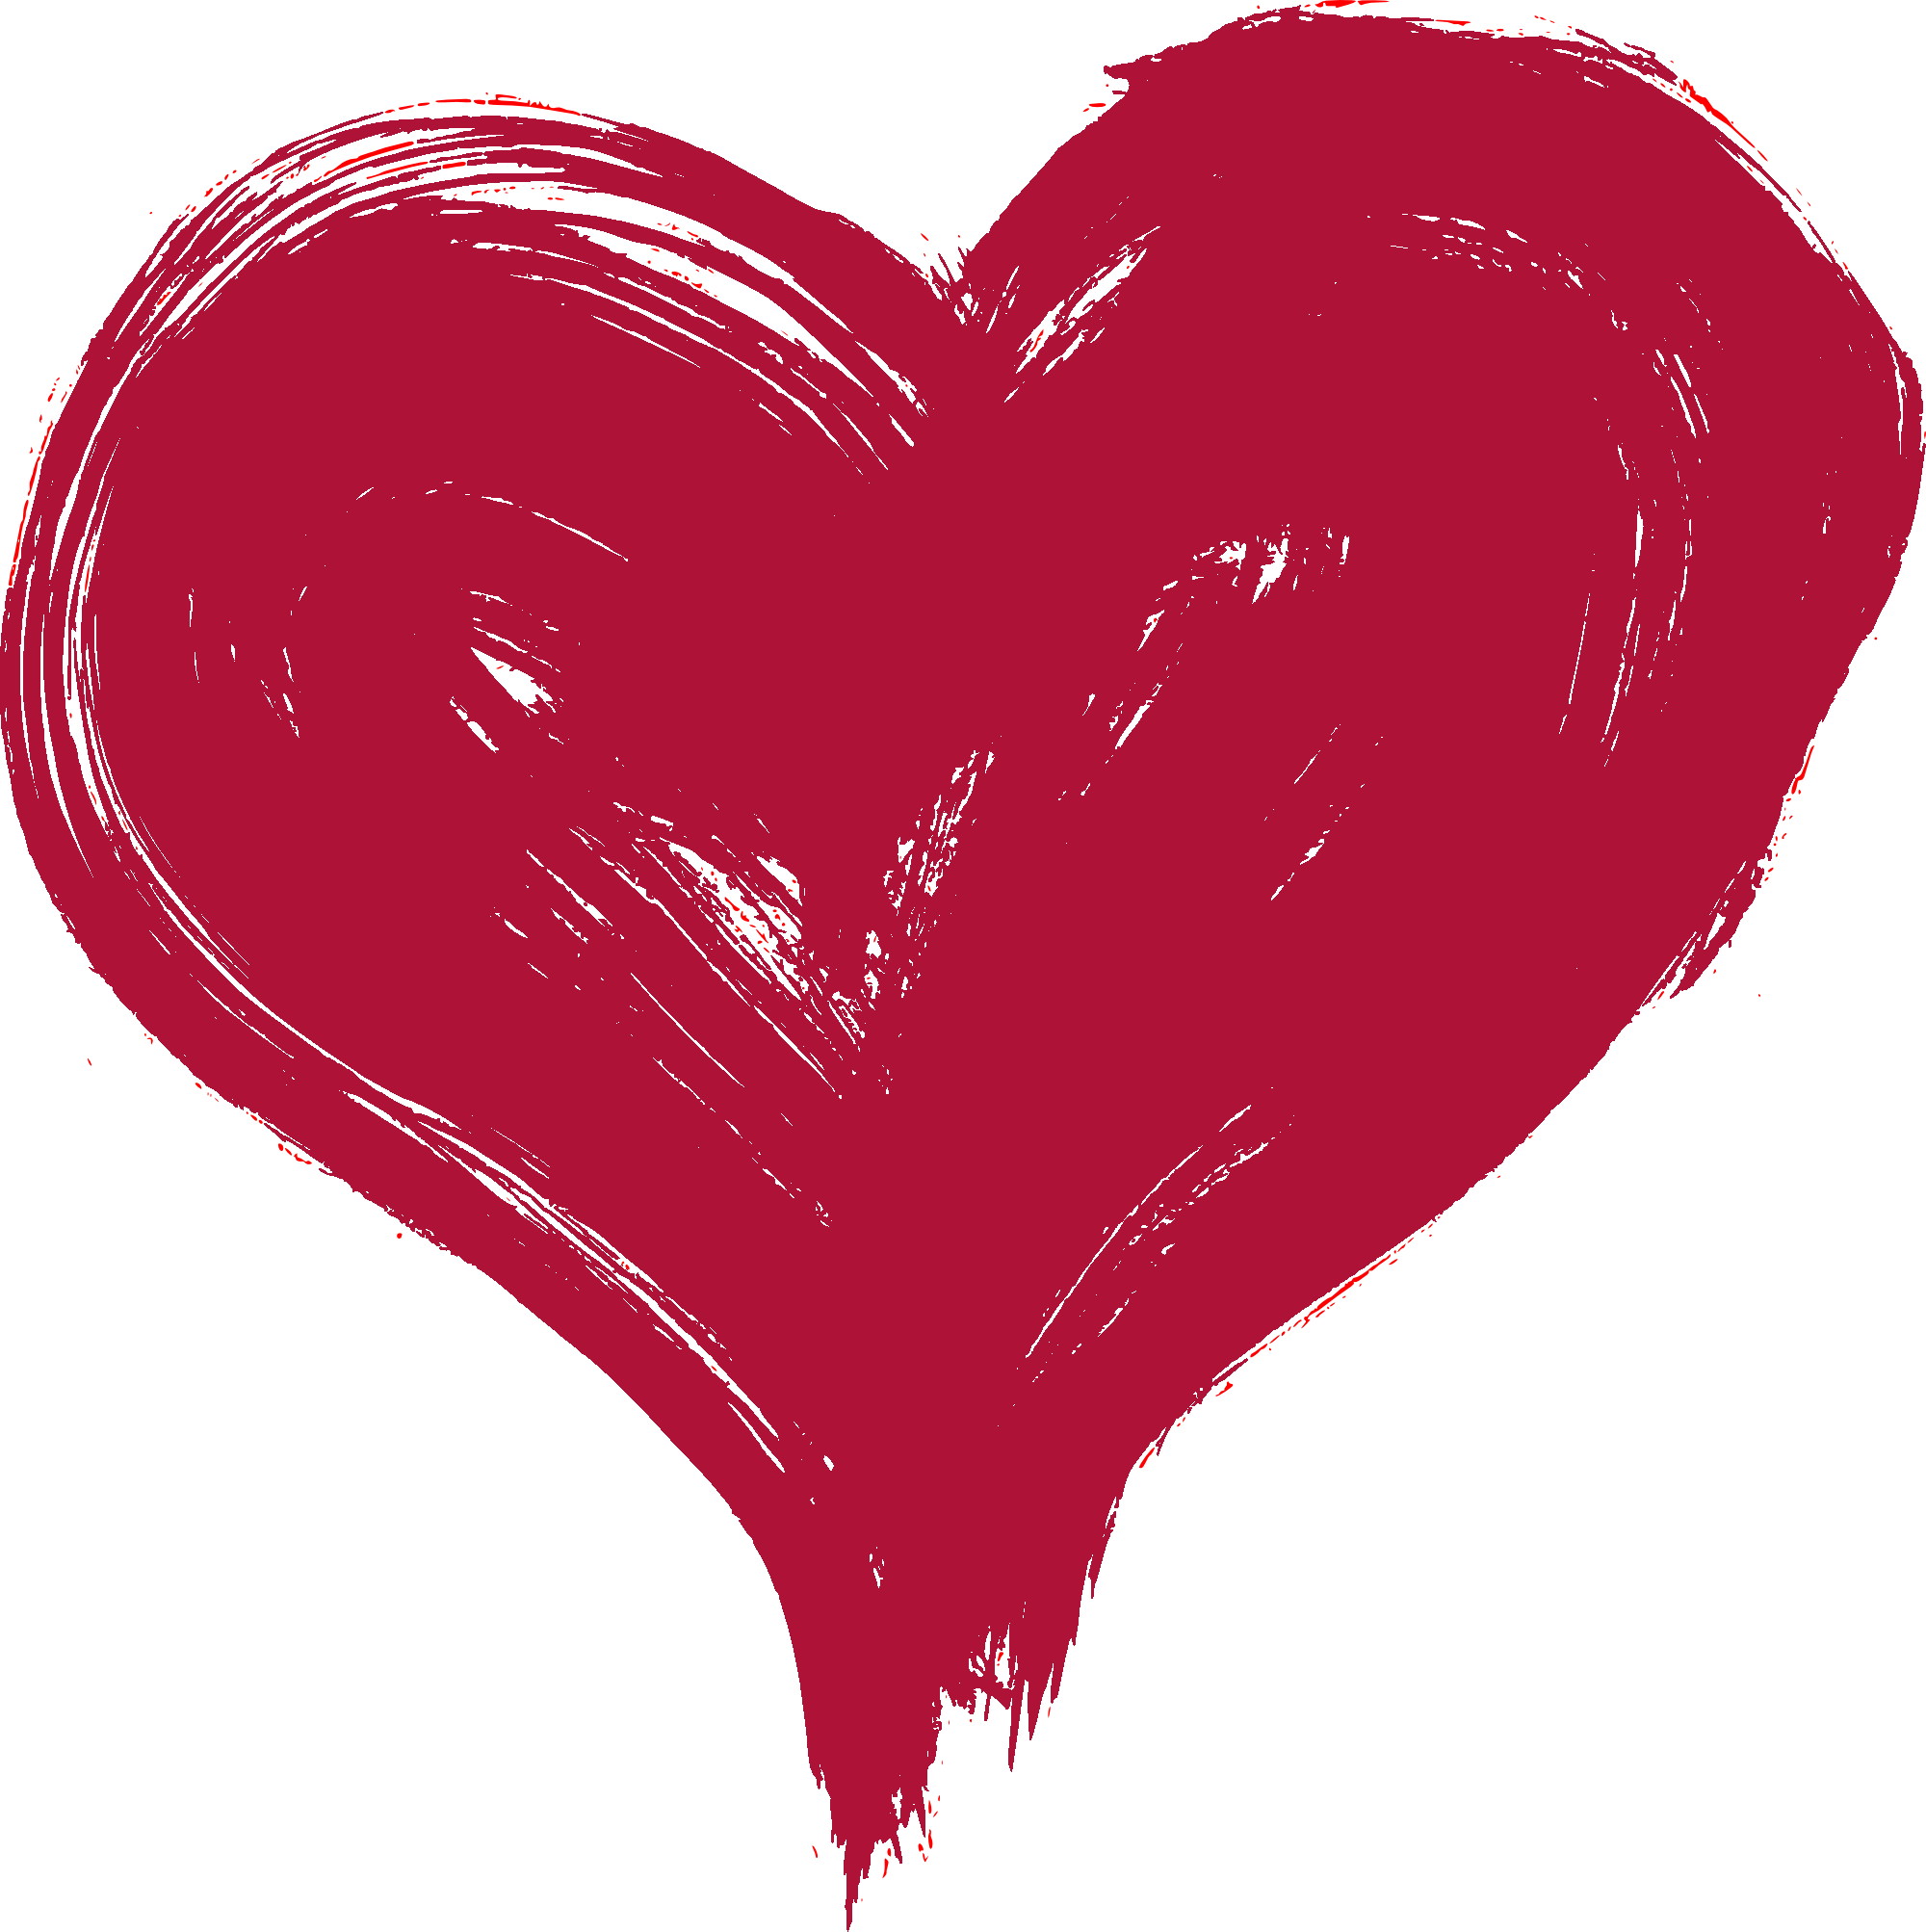 channel harmony heart